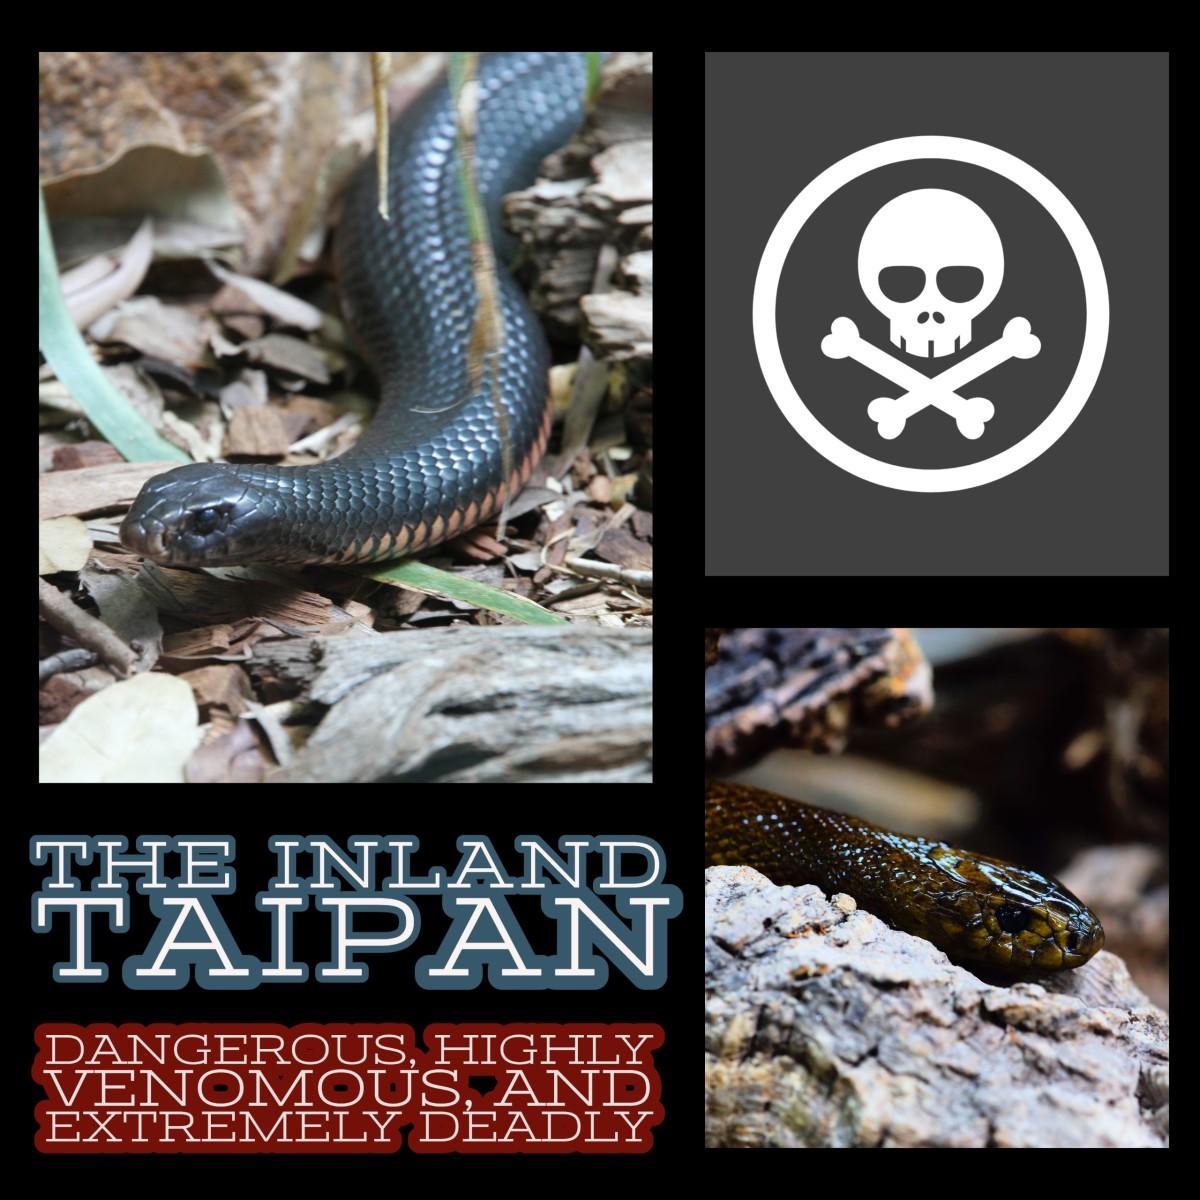 The Inland Taipan: A Brief Analysis